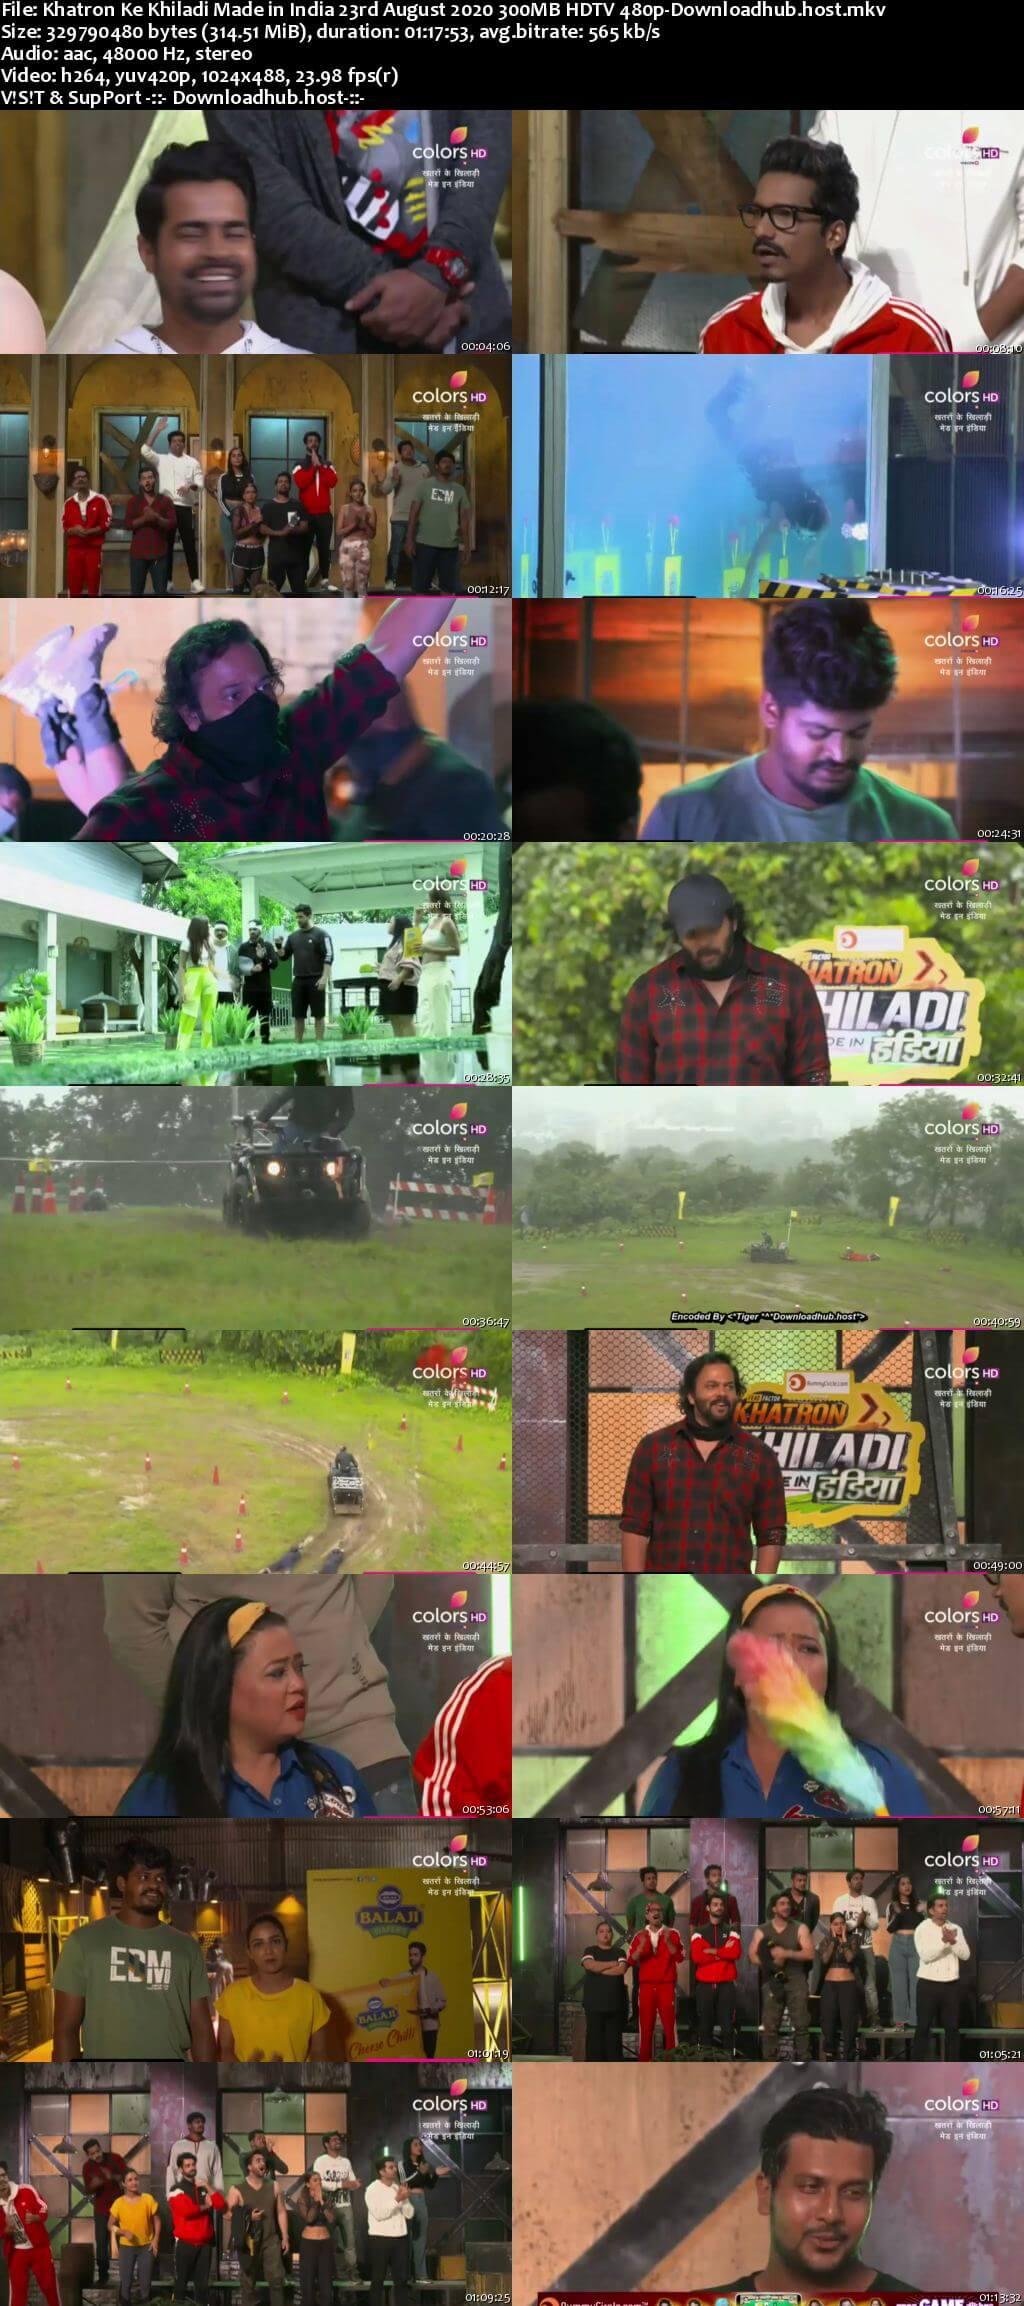 Khatron Ke Khiladi Made in India 23 August 2020 Episode 08 HDTV 480p